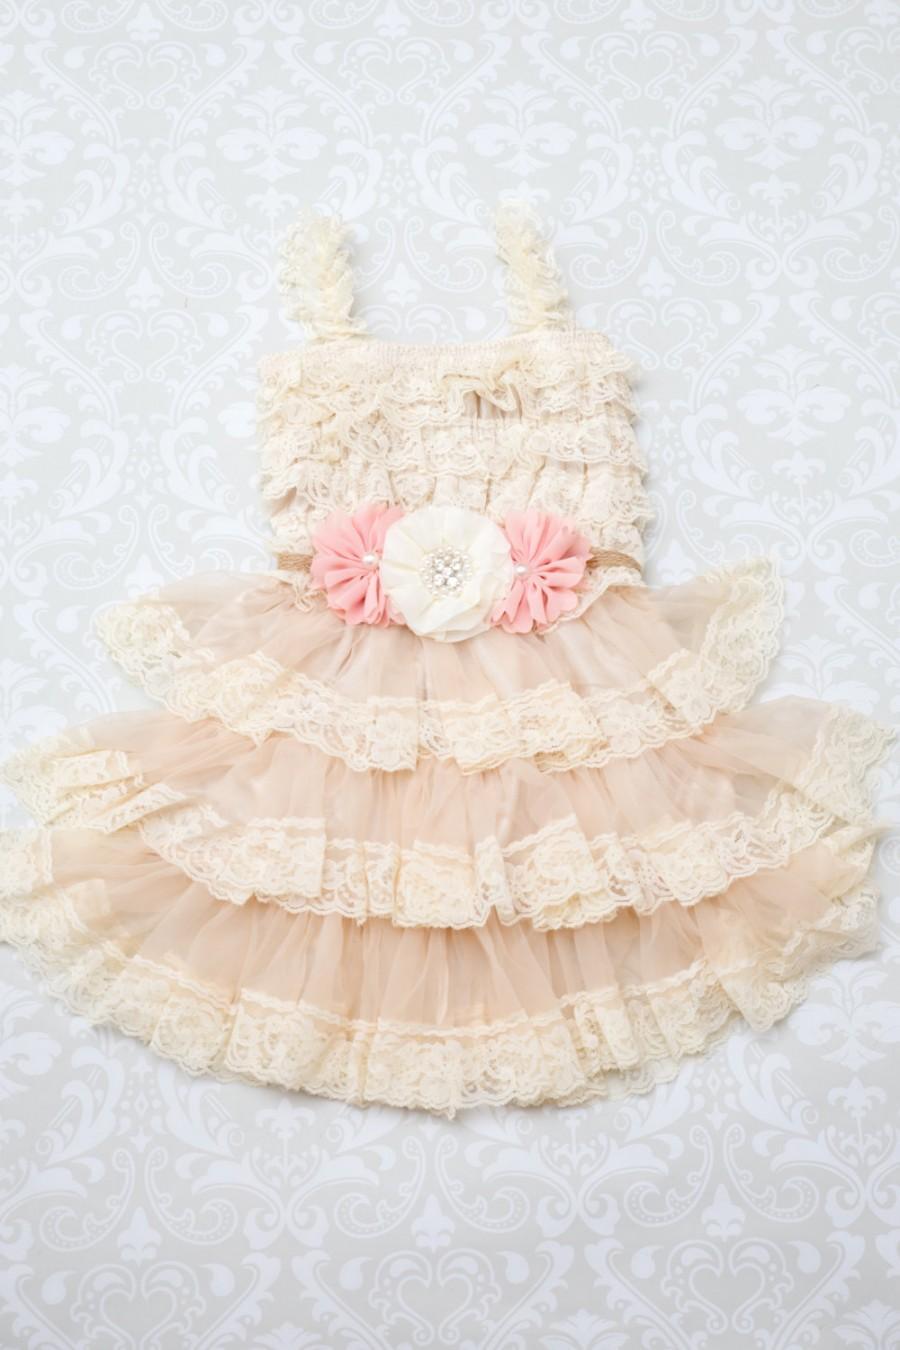 Hochzeit - Blush Ivory Flower Girl Dress - Champagne Flower Girl Dress - Lace Flower Girl Dress - Shabby Chic Flower Girl - Rustic Flower Girl Dress